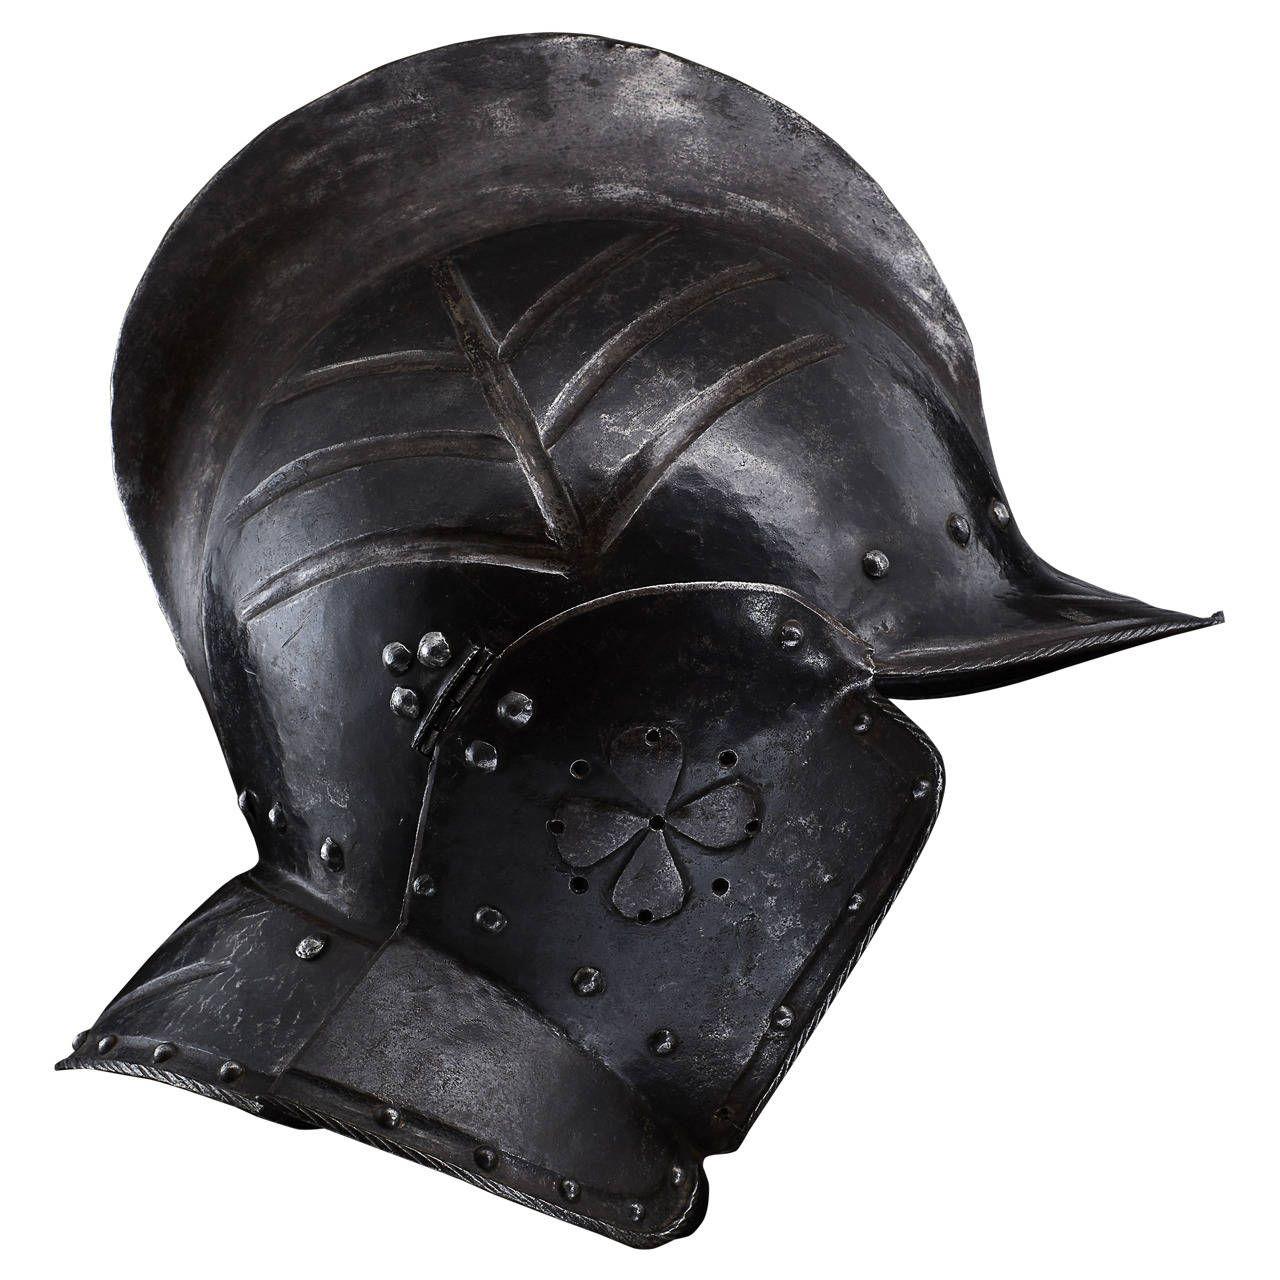 Elegant Burgonet Helmet Made For An Officer, Nuremberg